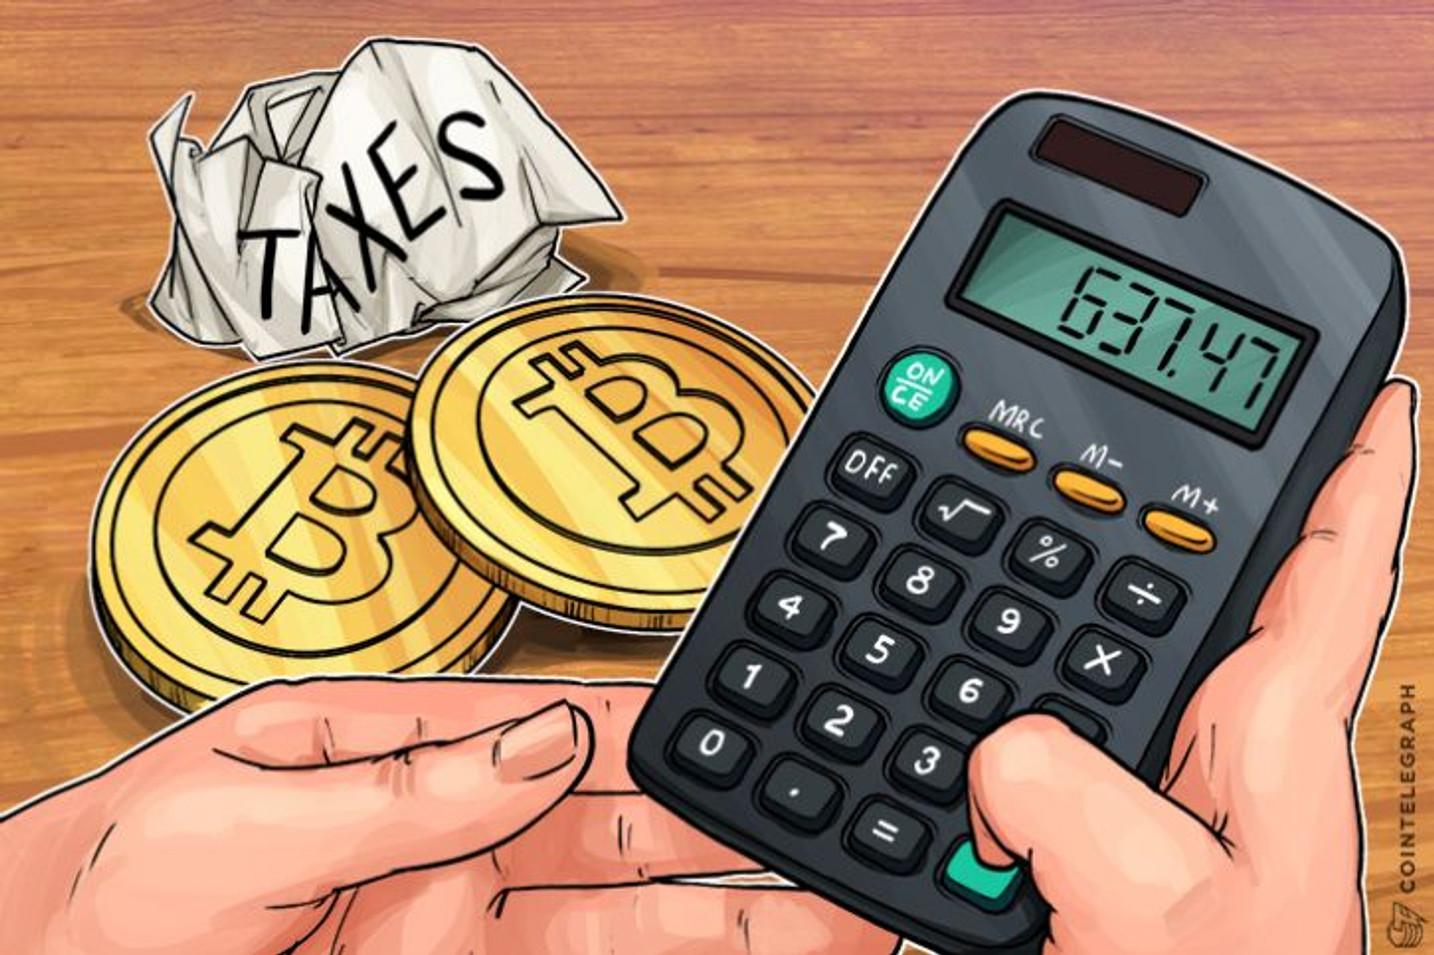 Los inversores de cripto japoneses pagarán un impuesto de hasta el 55 por ciento sobre las ganancias